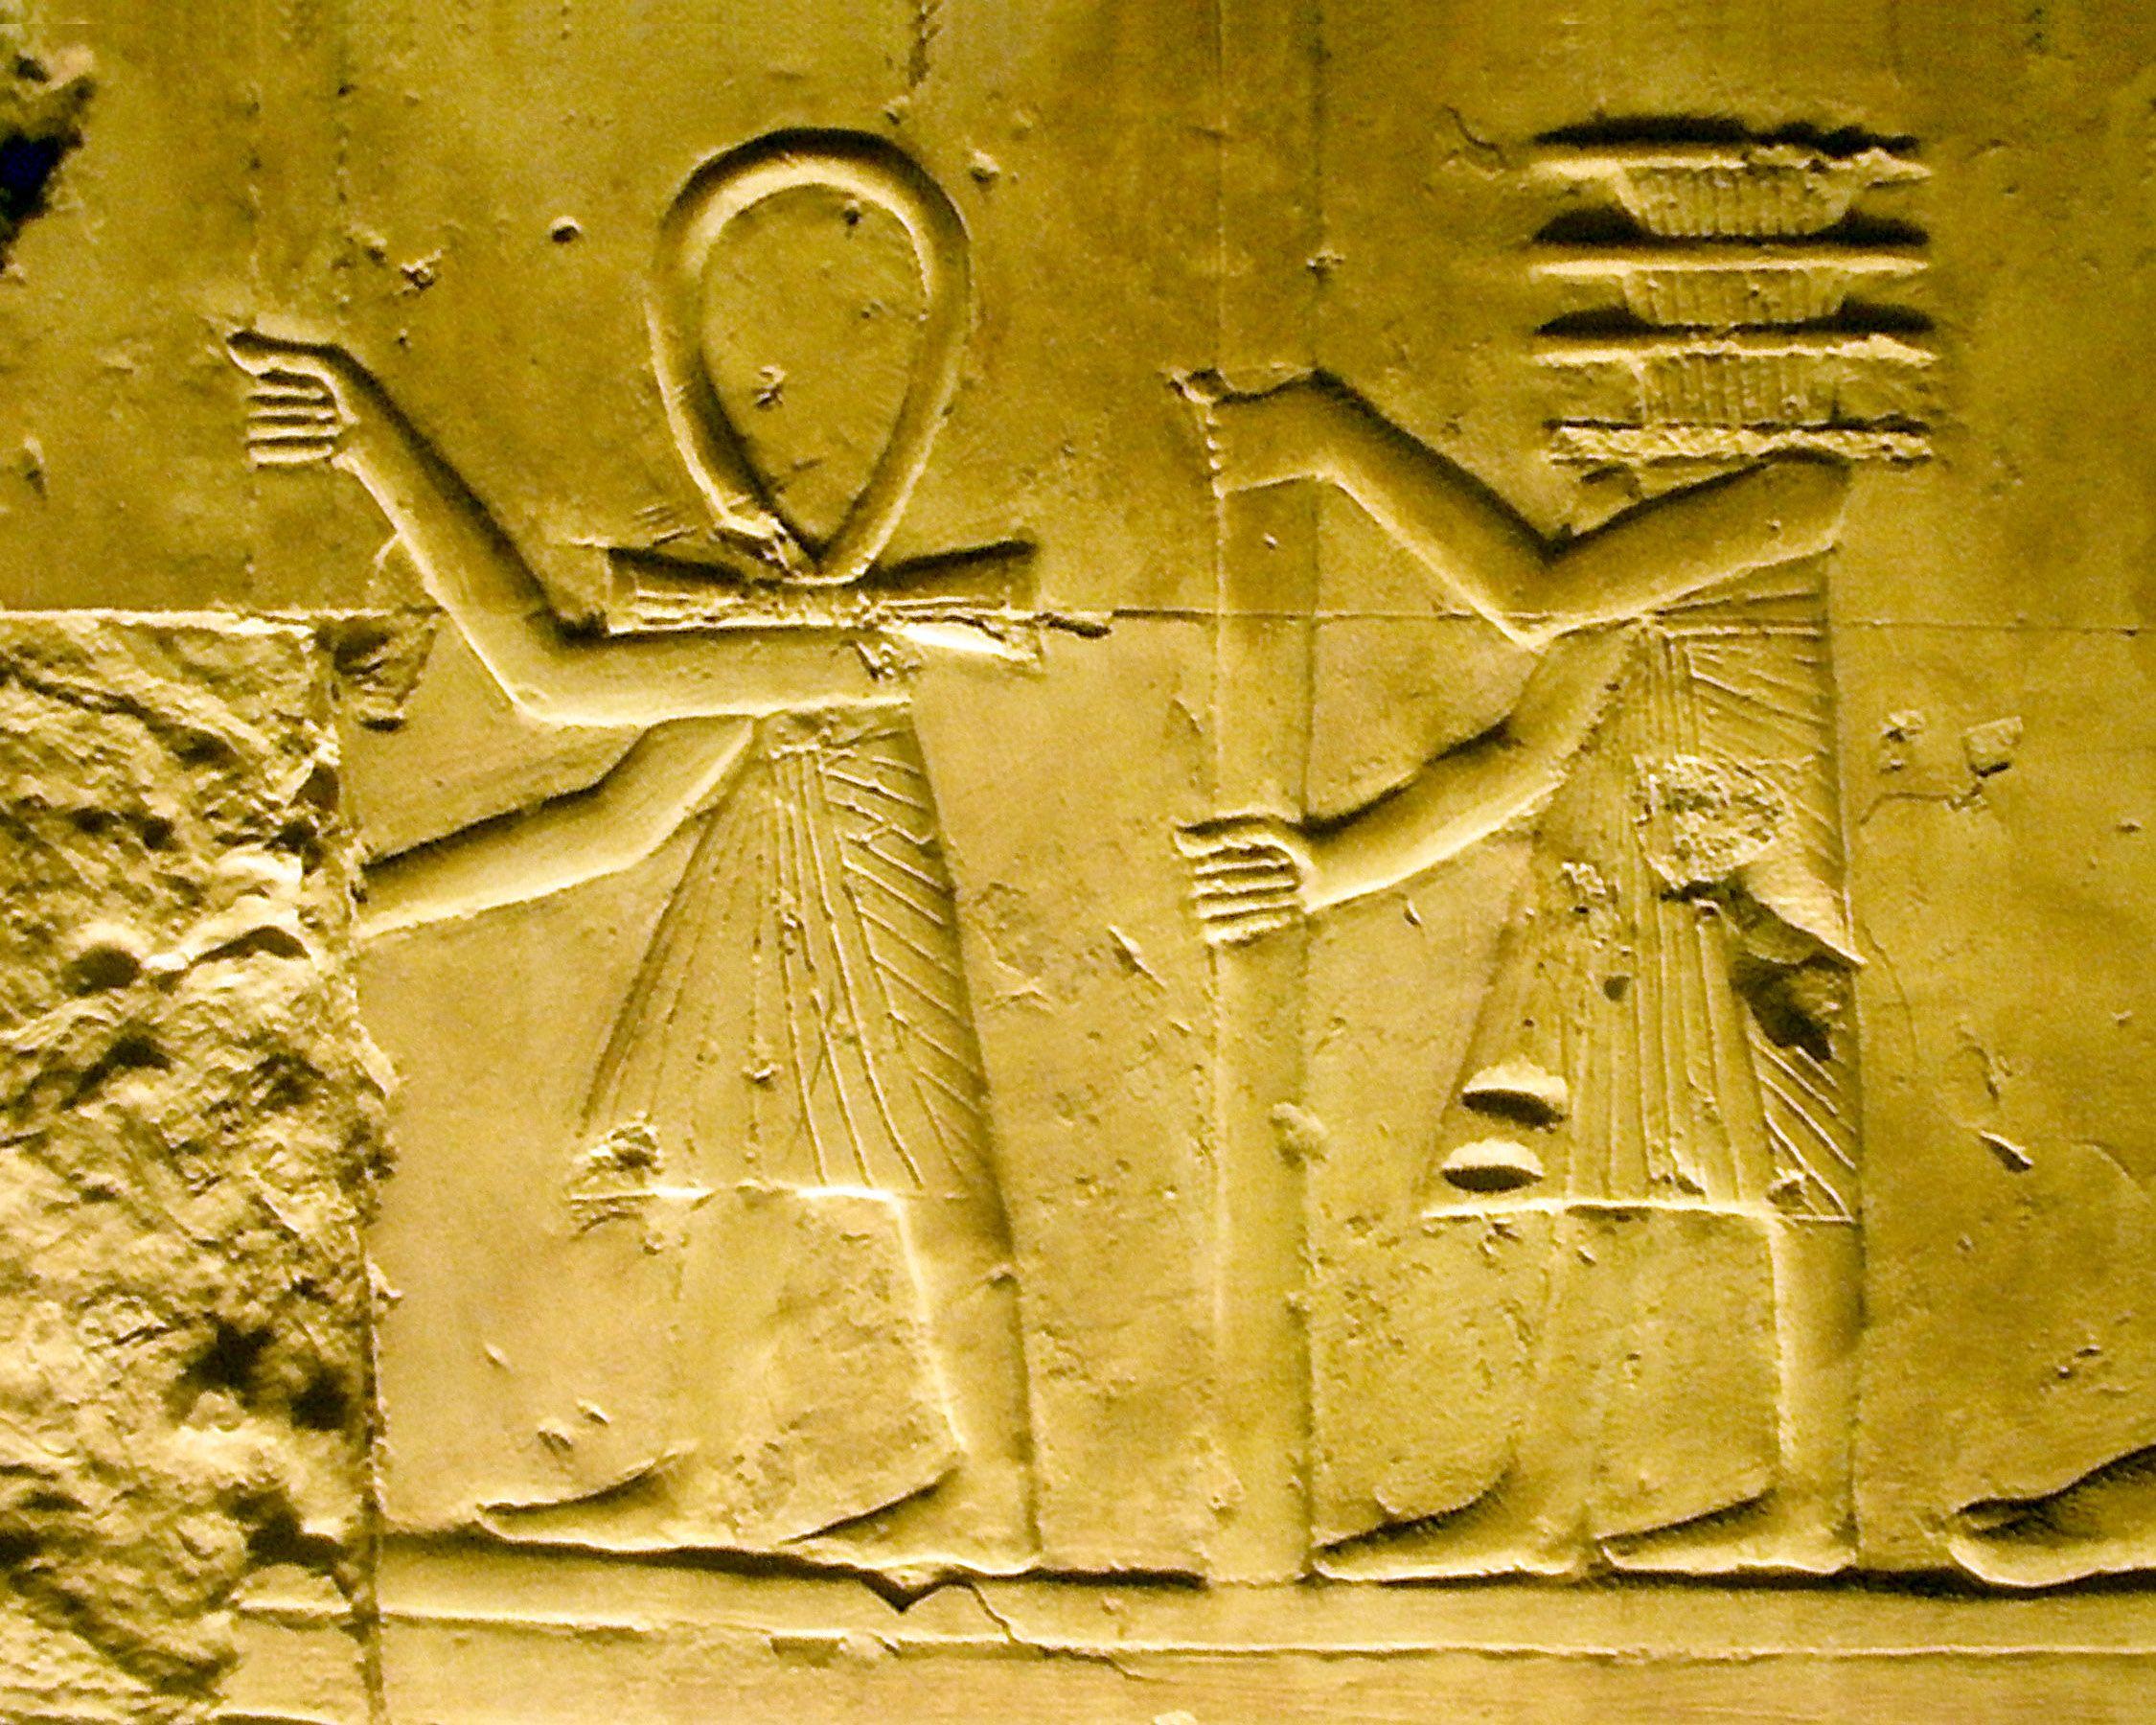 тому, фото символов египта это репортаж том